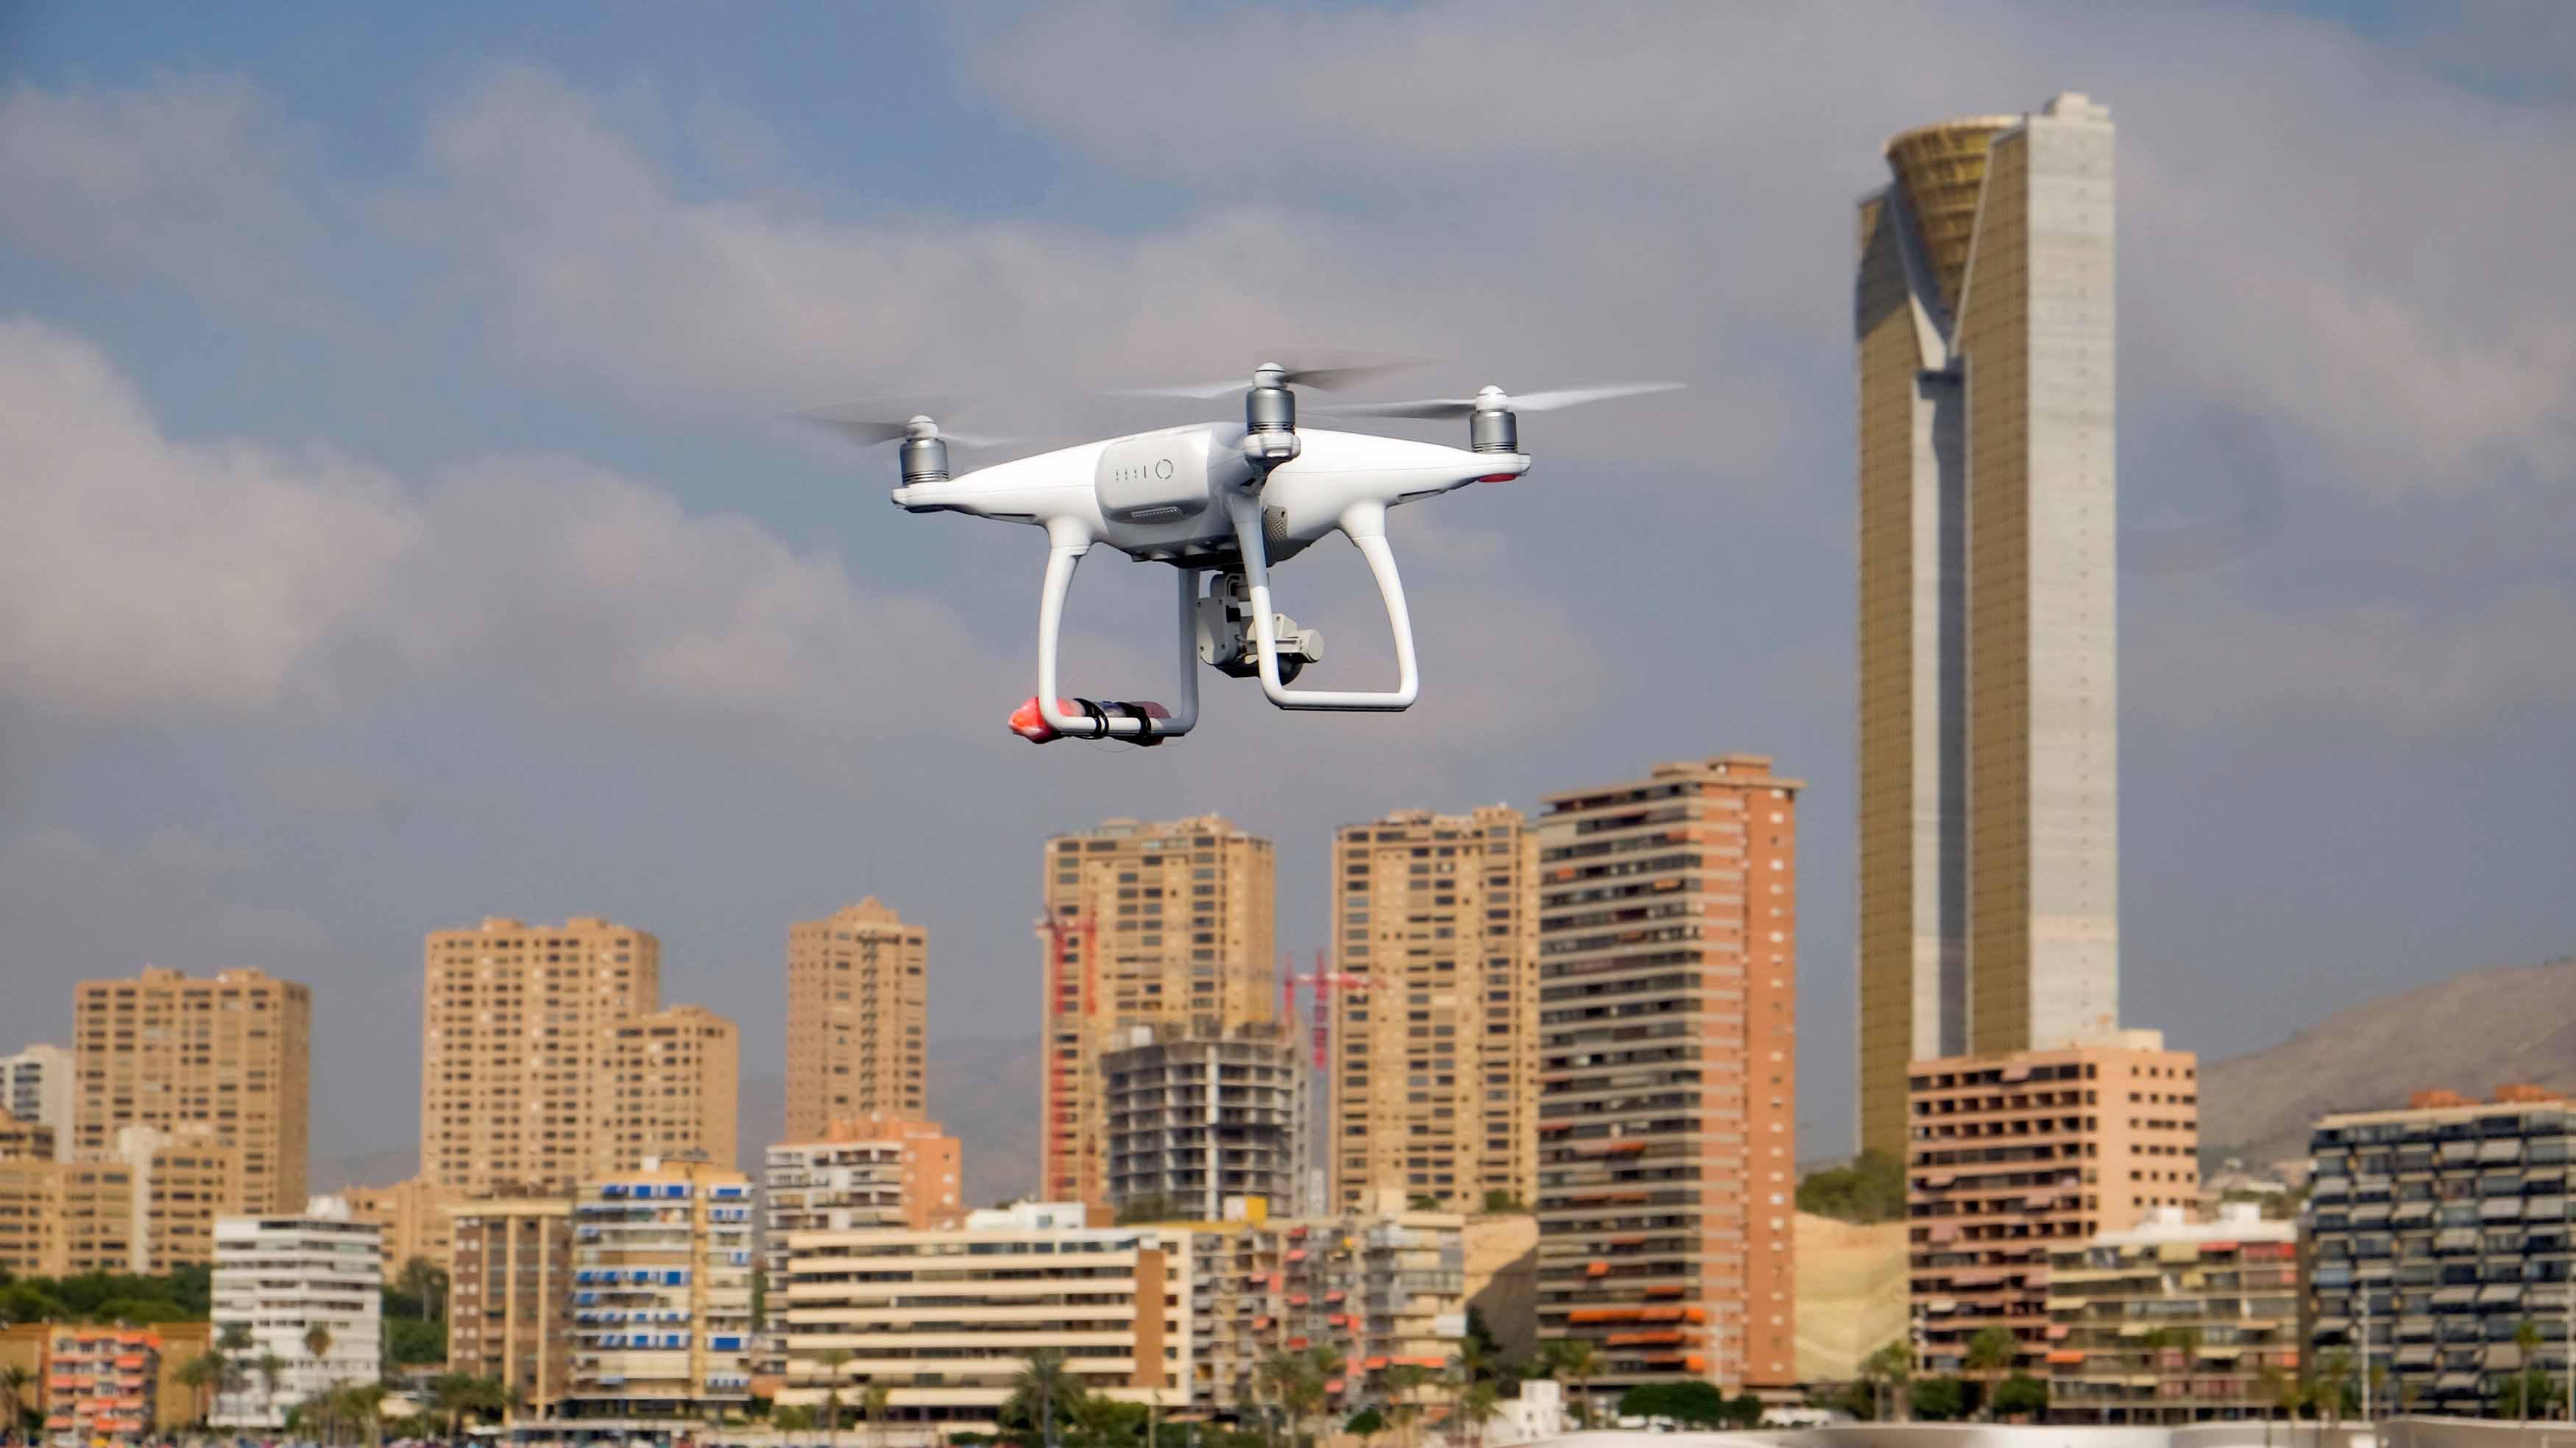 La Asociación Europea de Pilotos está solicitando una serie de medidas para impulsar ciertas normas en el uso de estos aparatos